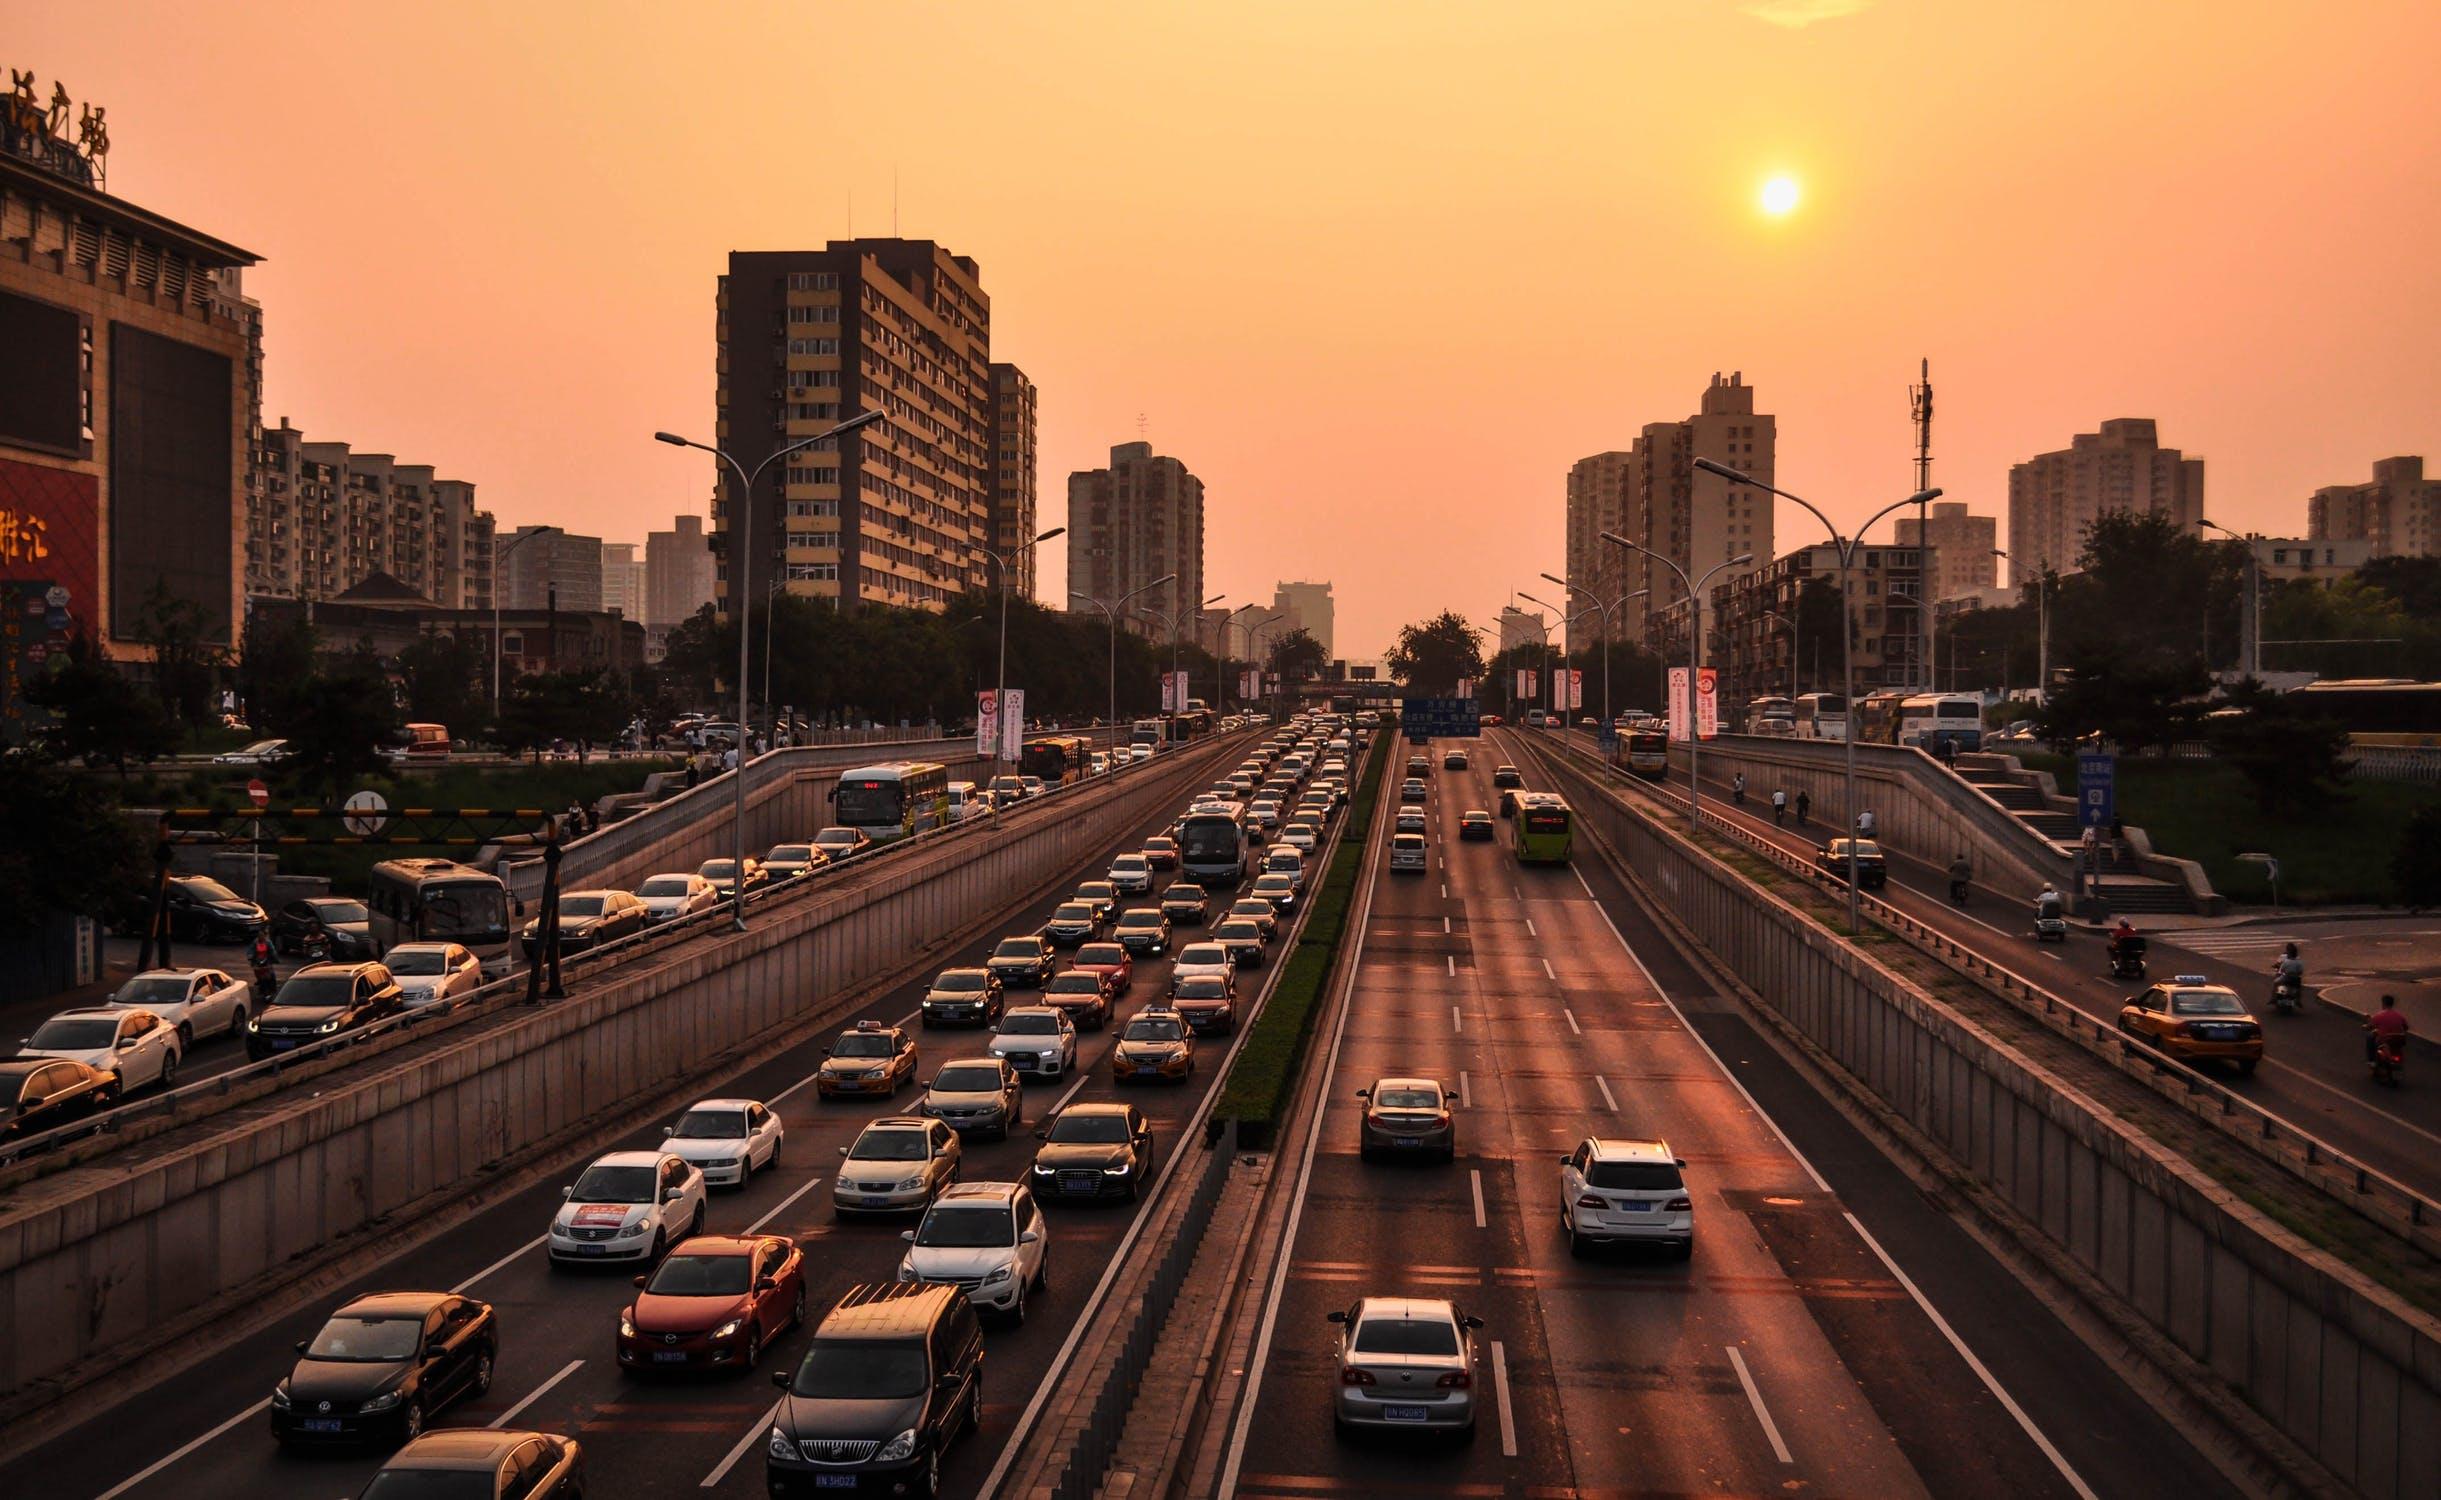 prawo jazdy kategorii B Częstochowa - nauka jazdy PROGRESS